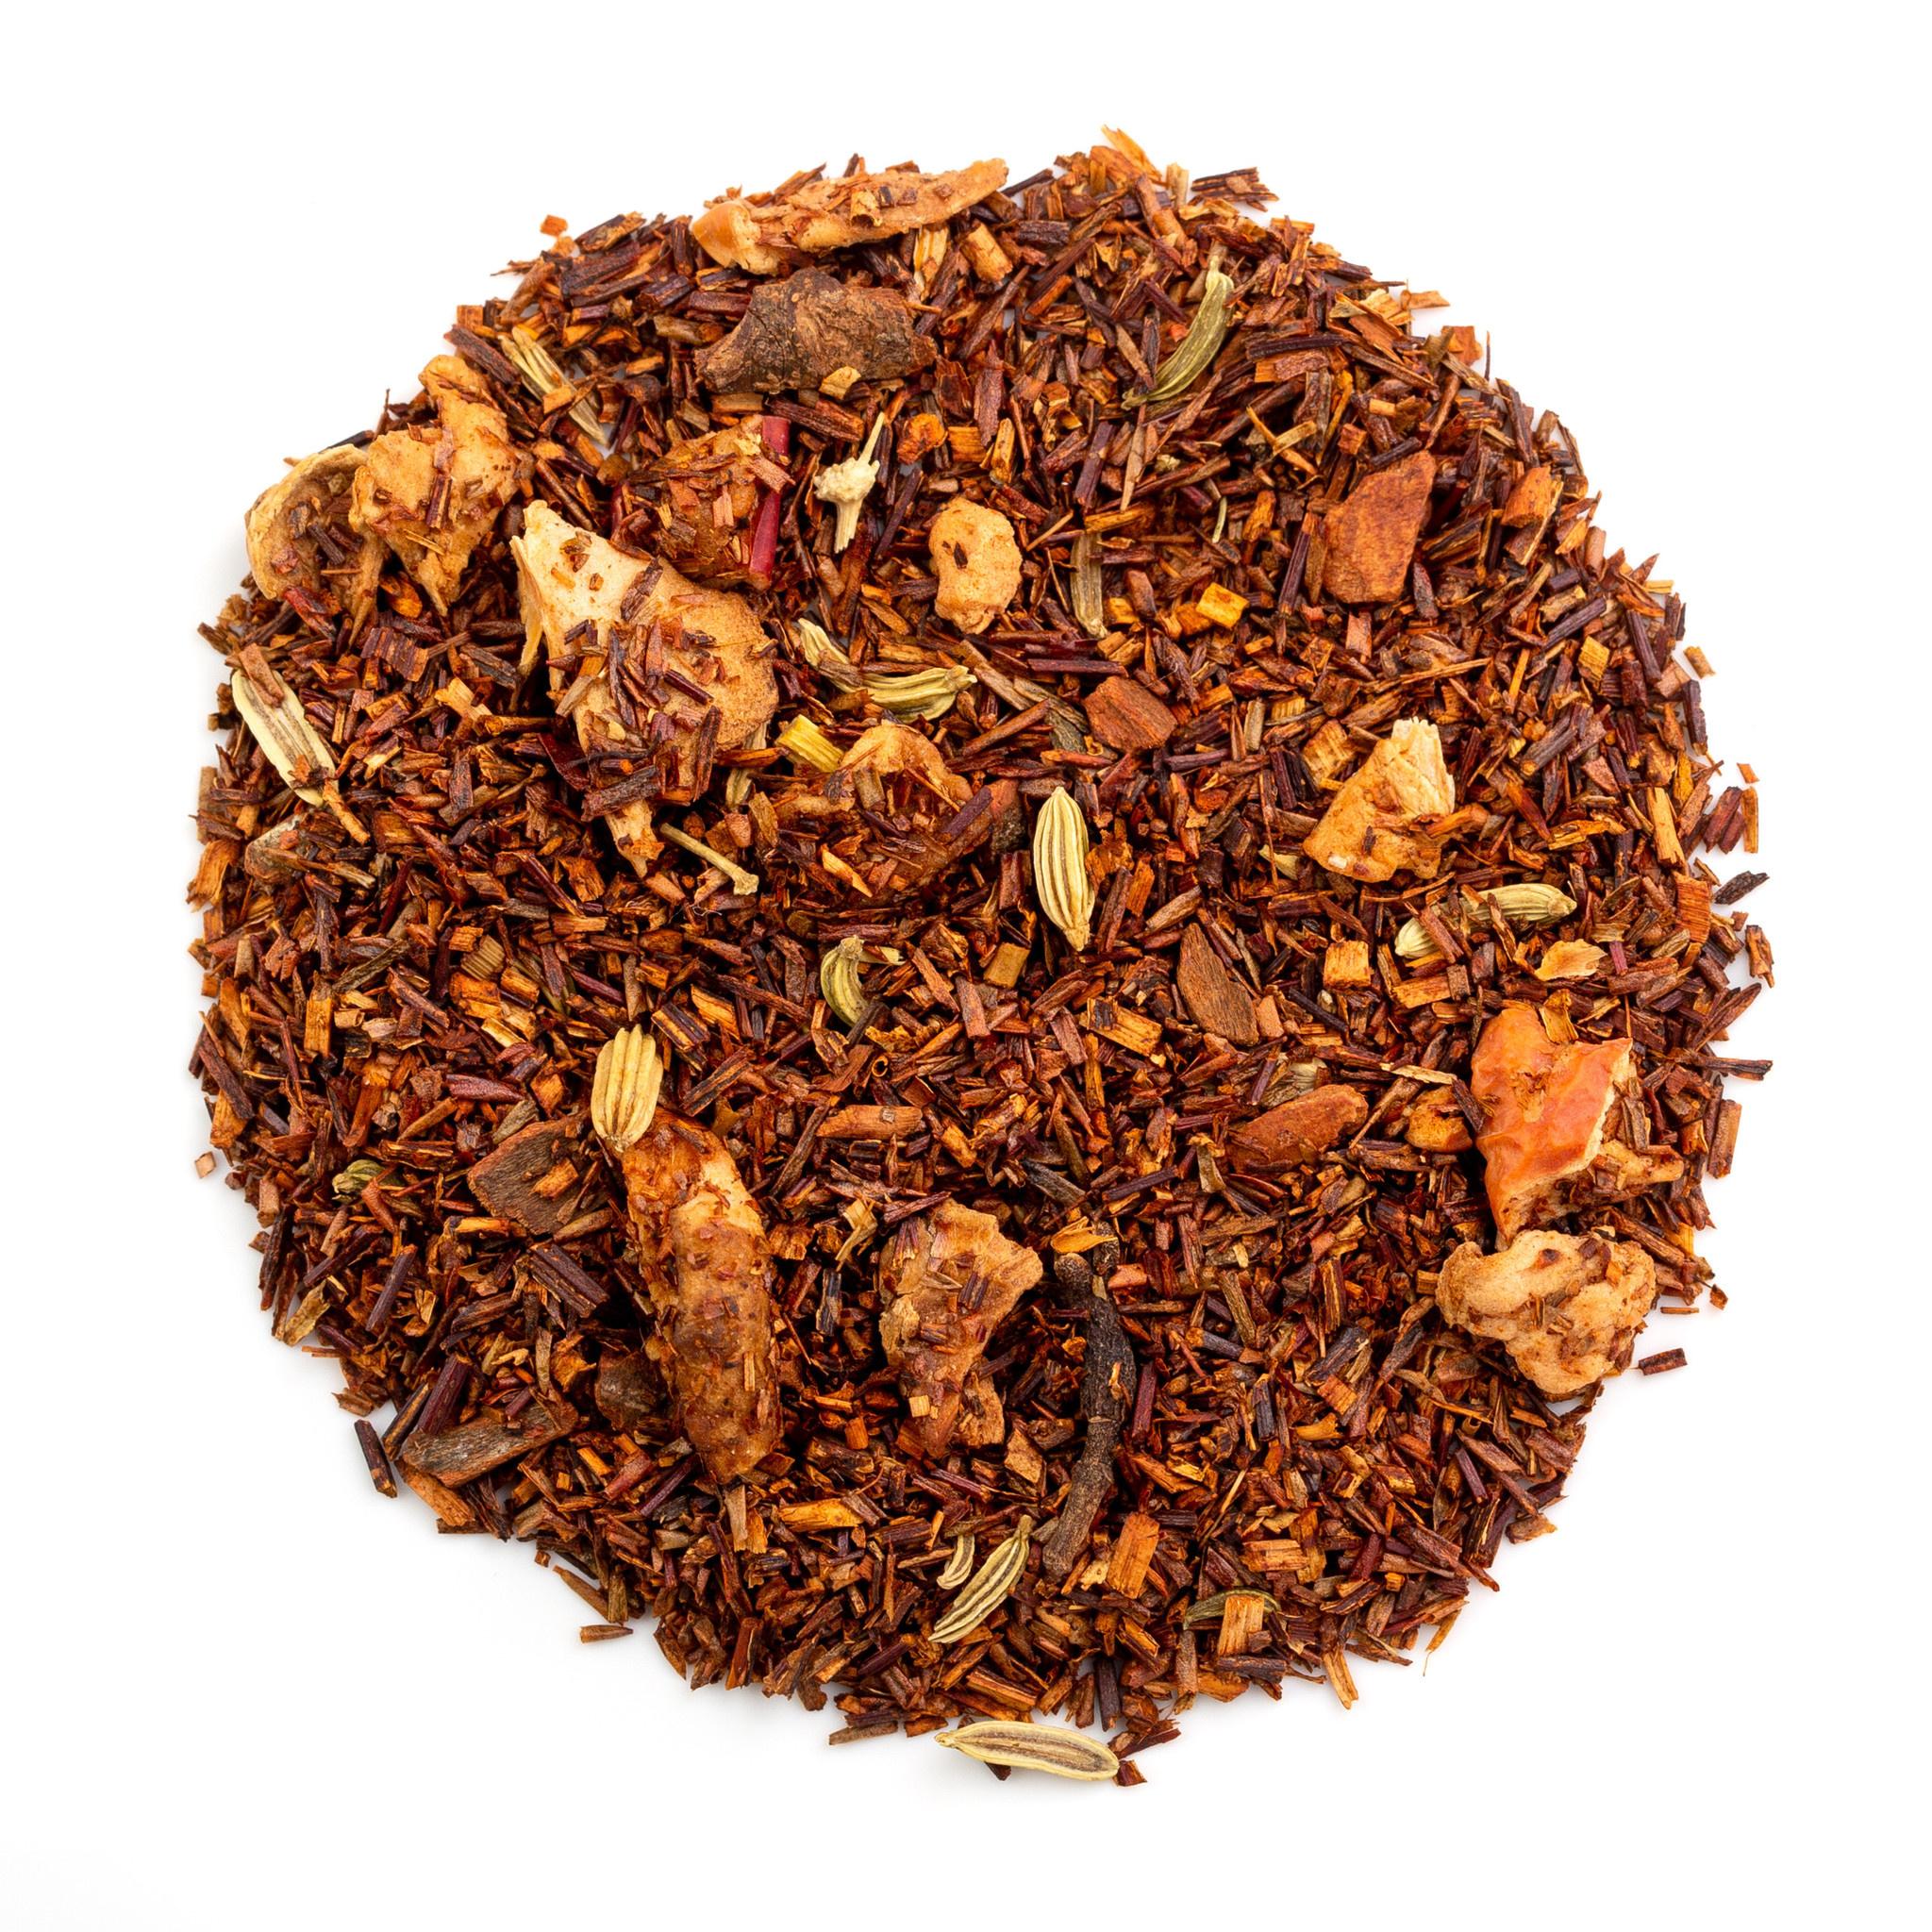 Baked Apple Cinnamon-1